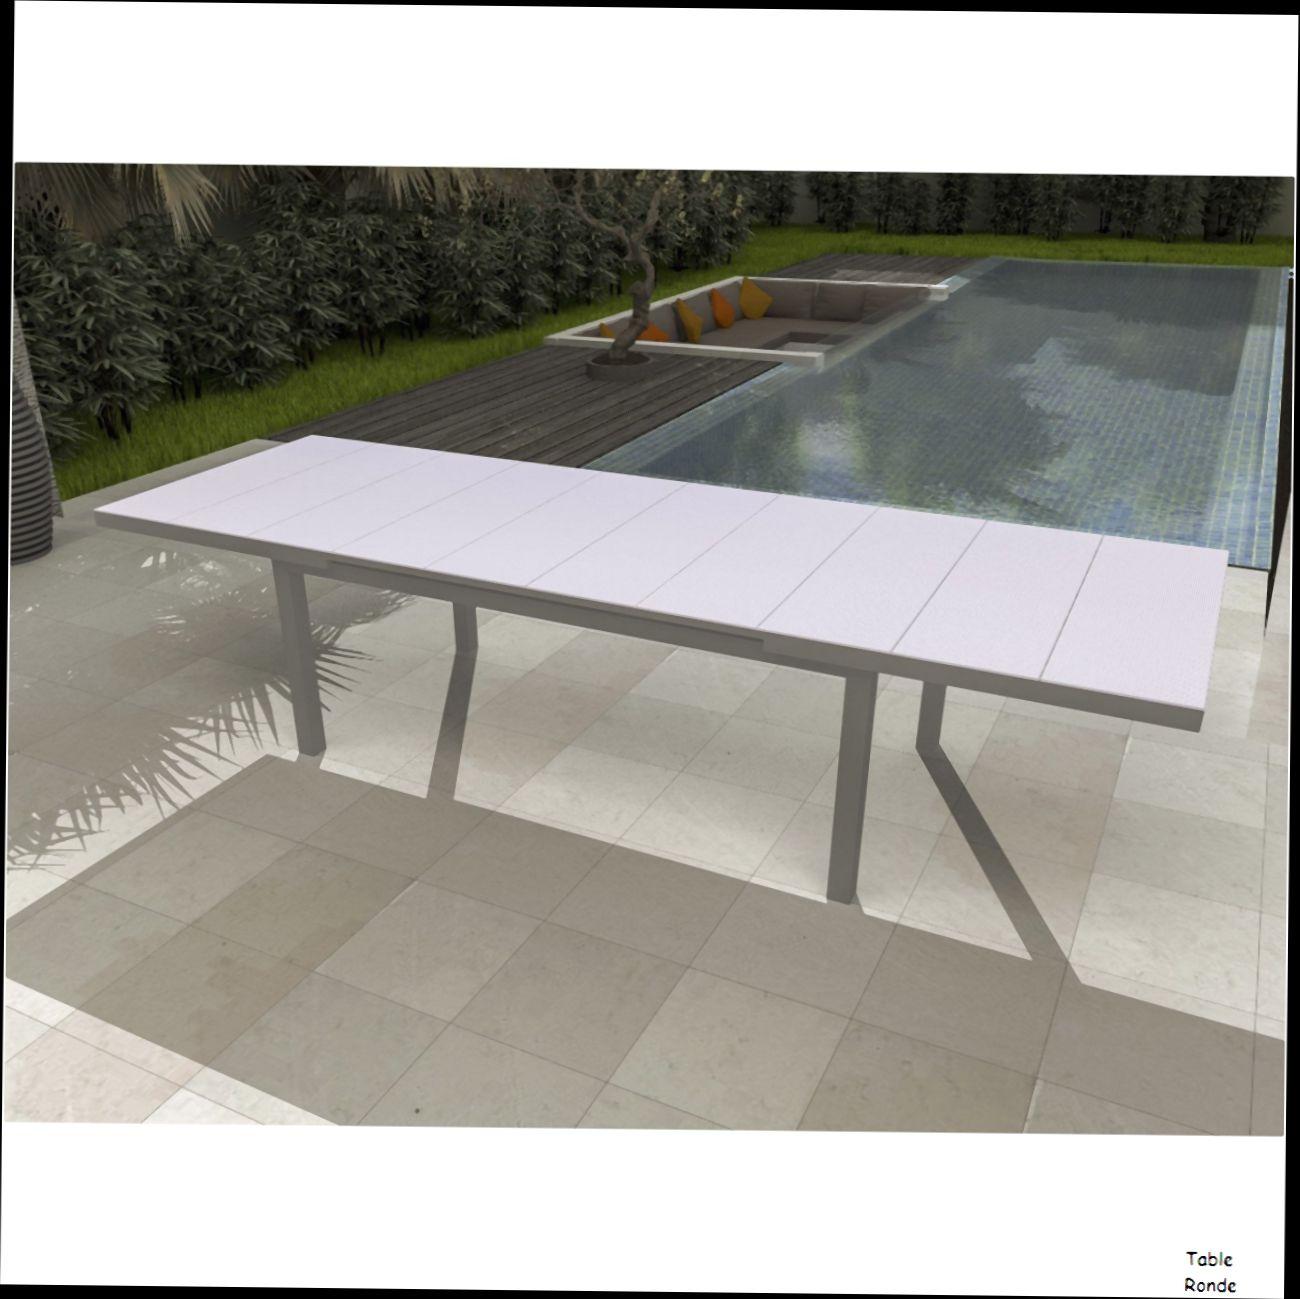 Salon de jardin niagara naterial - Jardin piscine et Cabane